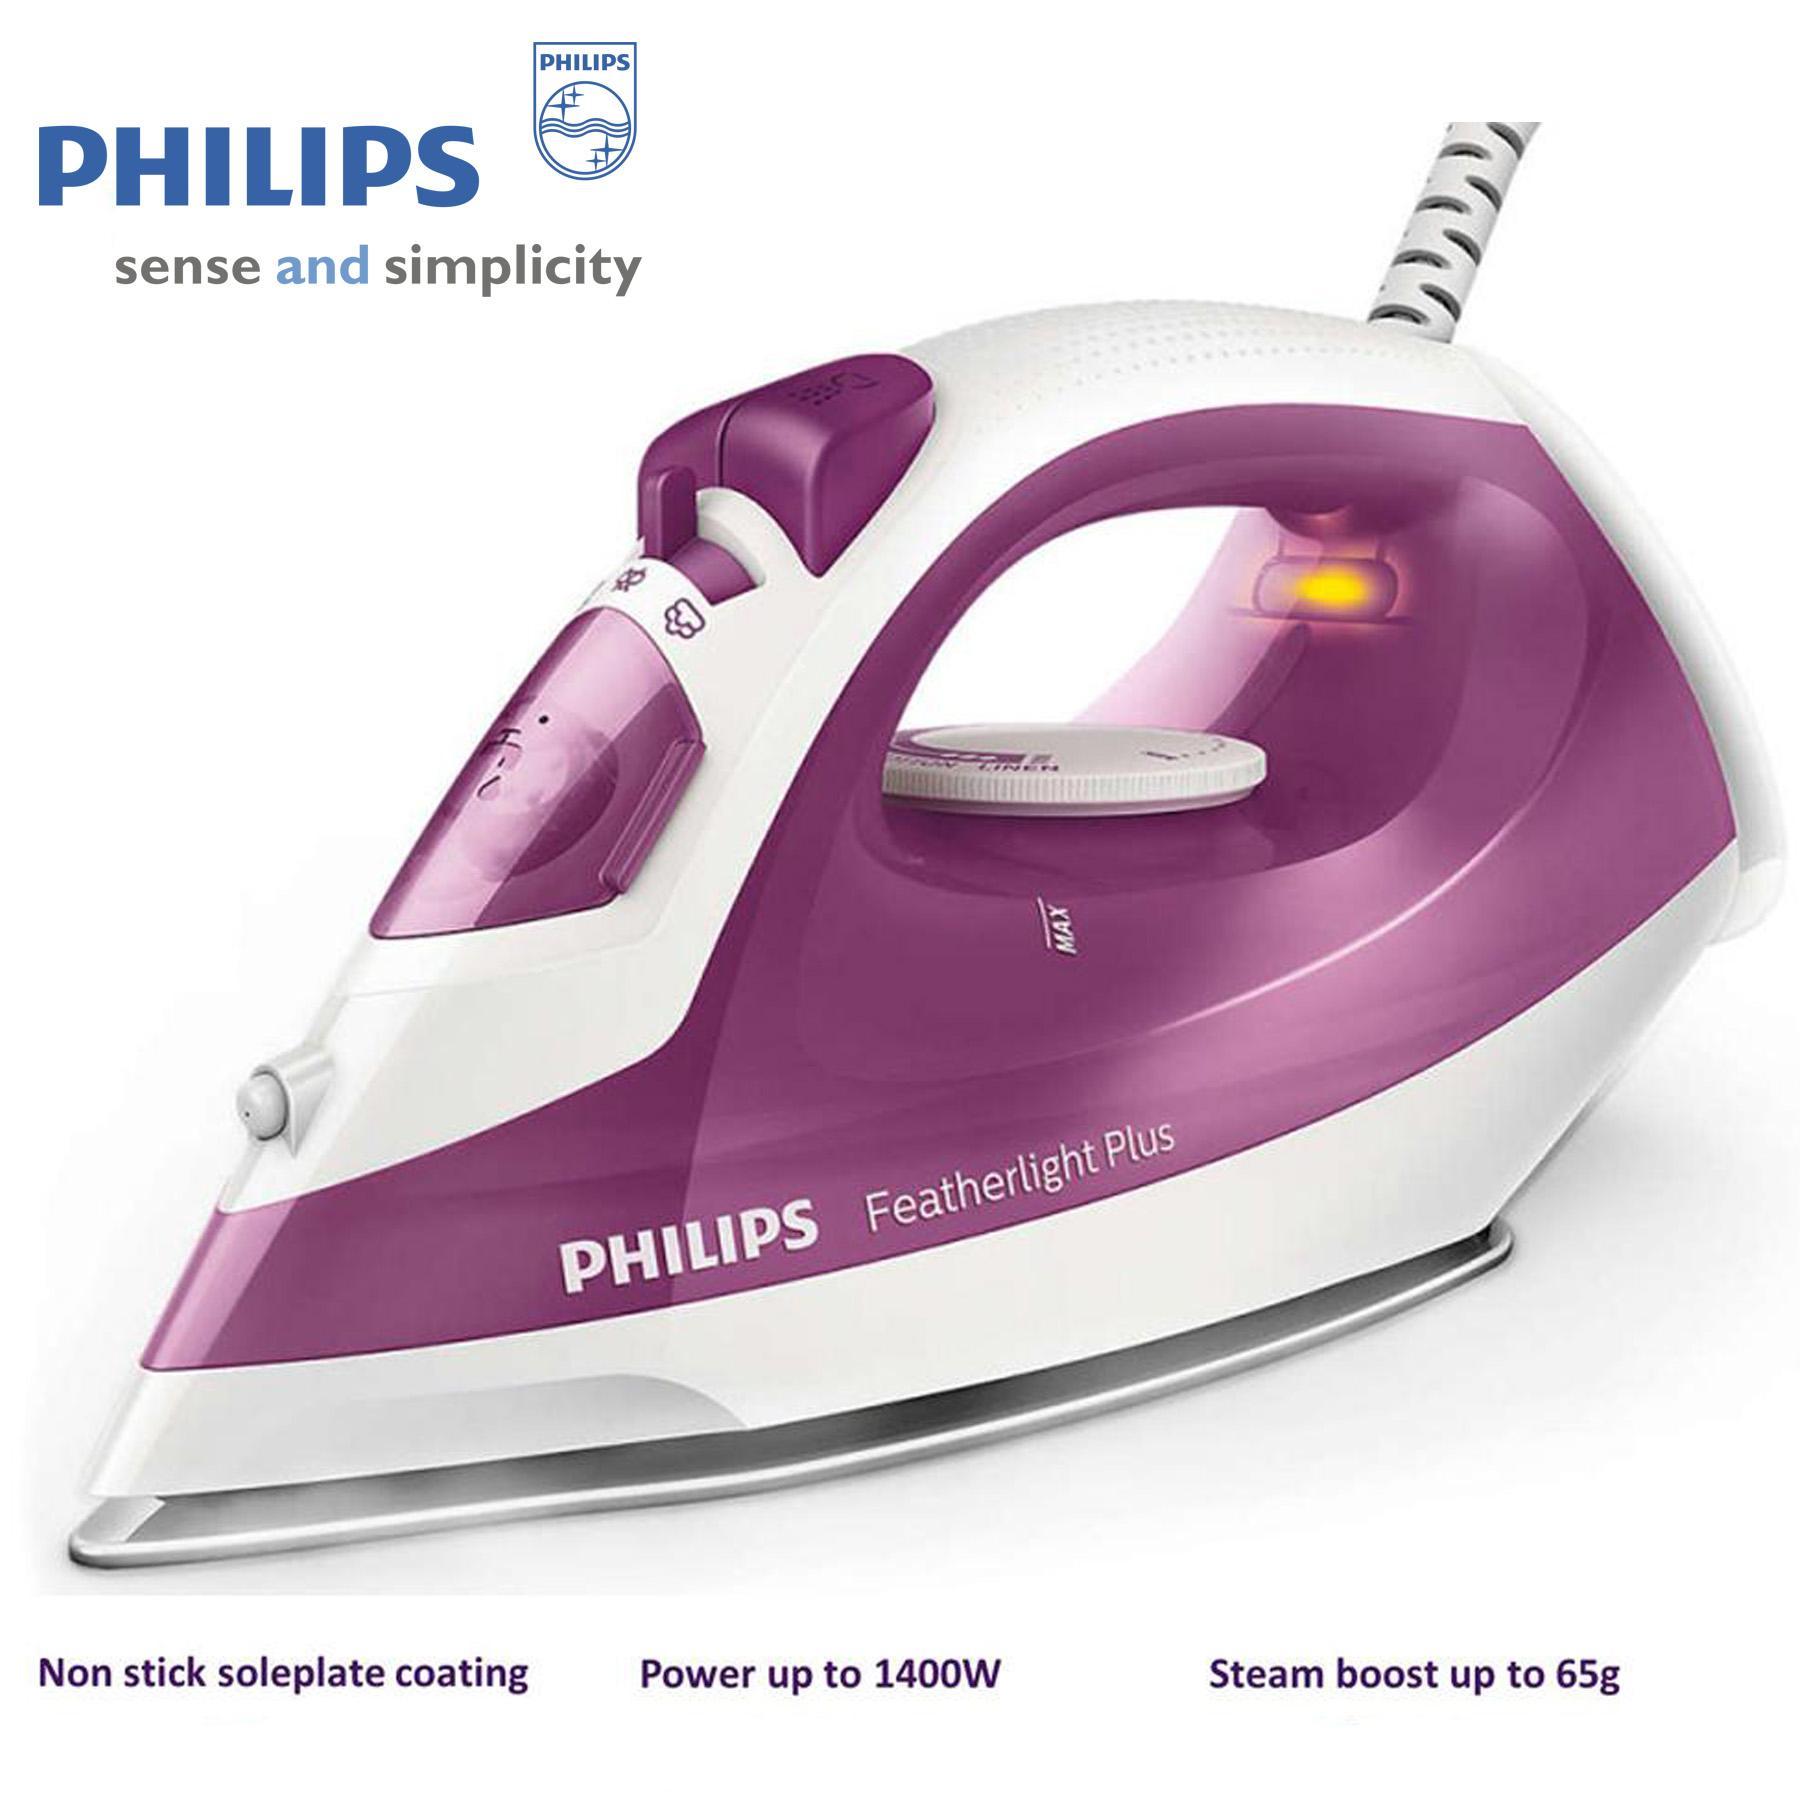 Bàn ủi hơi nước cao cấp Philips GC1426 (Tím),công suất 1400W, Mặt đế chống dính có độ bền cao, Bảo hành 24 tháng- Hàng nhập khẩu